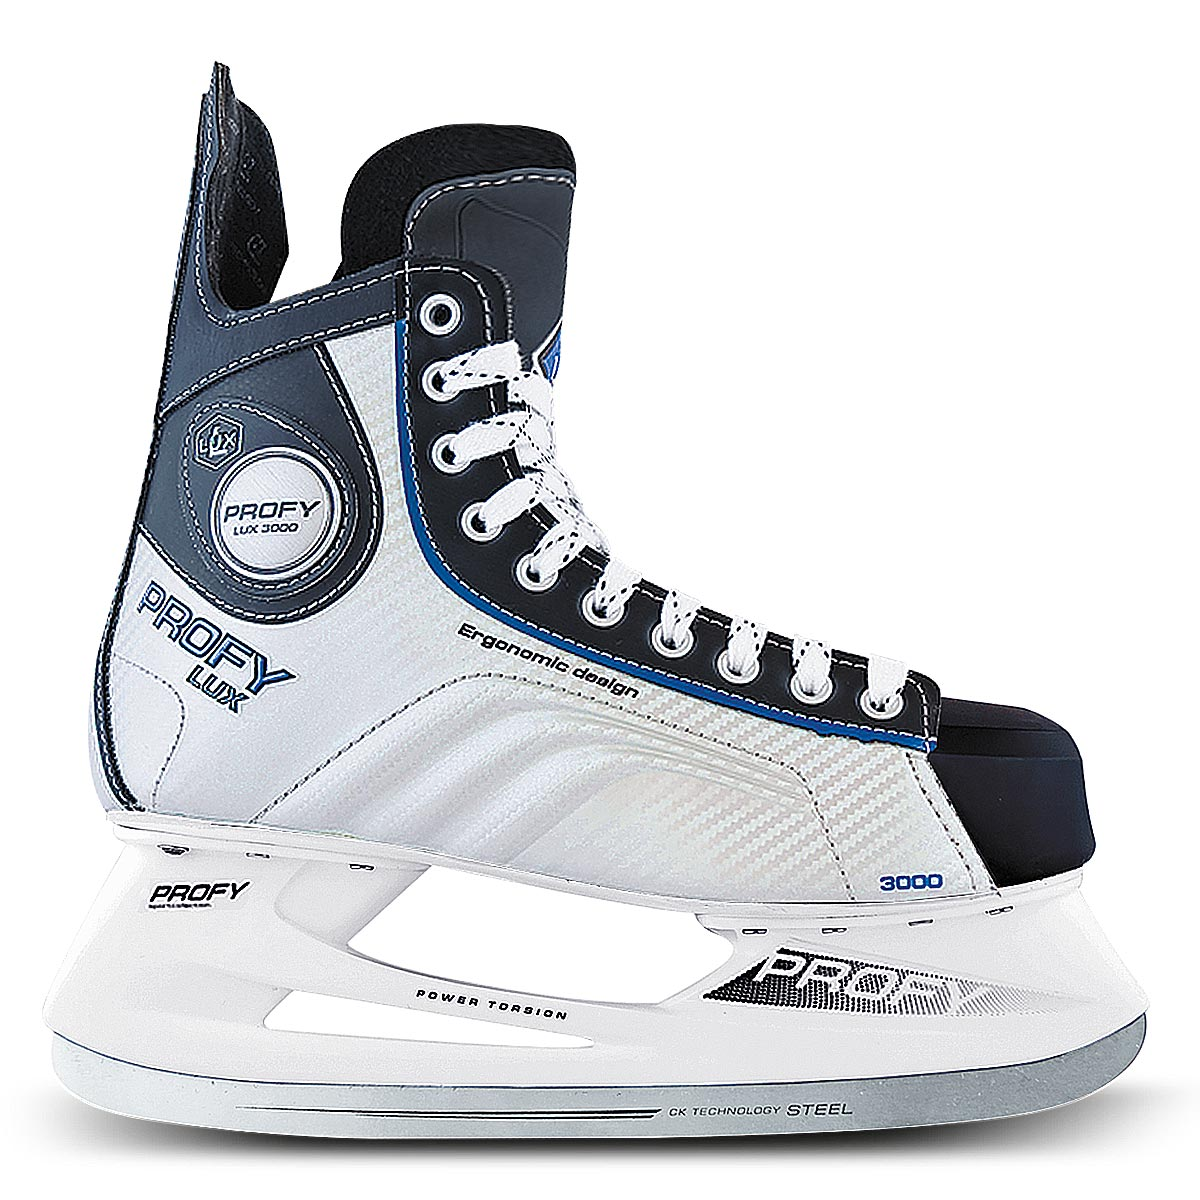 Коньки хоккейные мужские СК Profy Lux 3000, цвет: черный, серебряный, синий. Размер 46PROFY LUX 3000 Blue_46Коньки хоккейные мужские СК Profy Lux 3000 прекрасно подойдут для профессиональных игроков в хоккей. Ботинок выполнен из морозоустойчивой искусственной кожи и специального резистентного ПВХ, а язычок - из двухслойного войлока и искусственной кожи. Слоевая композитная технология позволила изготовить ботинок, полностью обволакивающий ногу. Это обеспечивает прочную и удобную фиксацию ноги, повышает защиту от ударов. Ботинок изготовлен с учетом антропометрии стоп россиян, что обеспечивает комфорт и устойчивость ноги, правильное распределение нагрузки, сильно снижает травмоопасность. Конструкция носка ботинка, изготовленного из ударопрочного энергопоглощающего термопластичного полиуретана Hytrel® (DuPont), обеспечивает увеличенную надежность защиты передней части ступни от ударов. Усиленные боковины ботинка из формованного PVC укрепляют боковую часть ботинка и дополнительно защищают ступню от ударов за счет поглощения энергии. Тип застежки ботинок – классическая шнуровка. Стелька из упругого пенного полимерного материала EVA гарантирует комфортное положение ноги в ботинке, обеспечивает быструю адаптацию ботинка к индивидуальным формам ноги, не теряет упругости при изменении температуры и не разрушается от воздействия пота и влаги. Легкая прочная низкопрофильная полимерная подошва инжекционного формования практически без потерь передает энергию от толчка ноги к лезвию – быстрее набор скорости, резче повороты и остановки, острее чувство льда. Лезвие из нержавеющей стали 420J обеспечит превосходное скольжение.